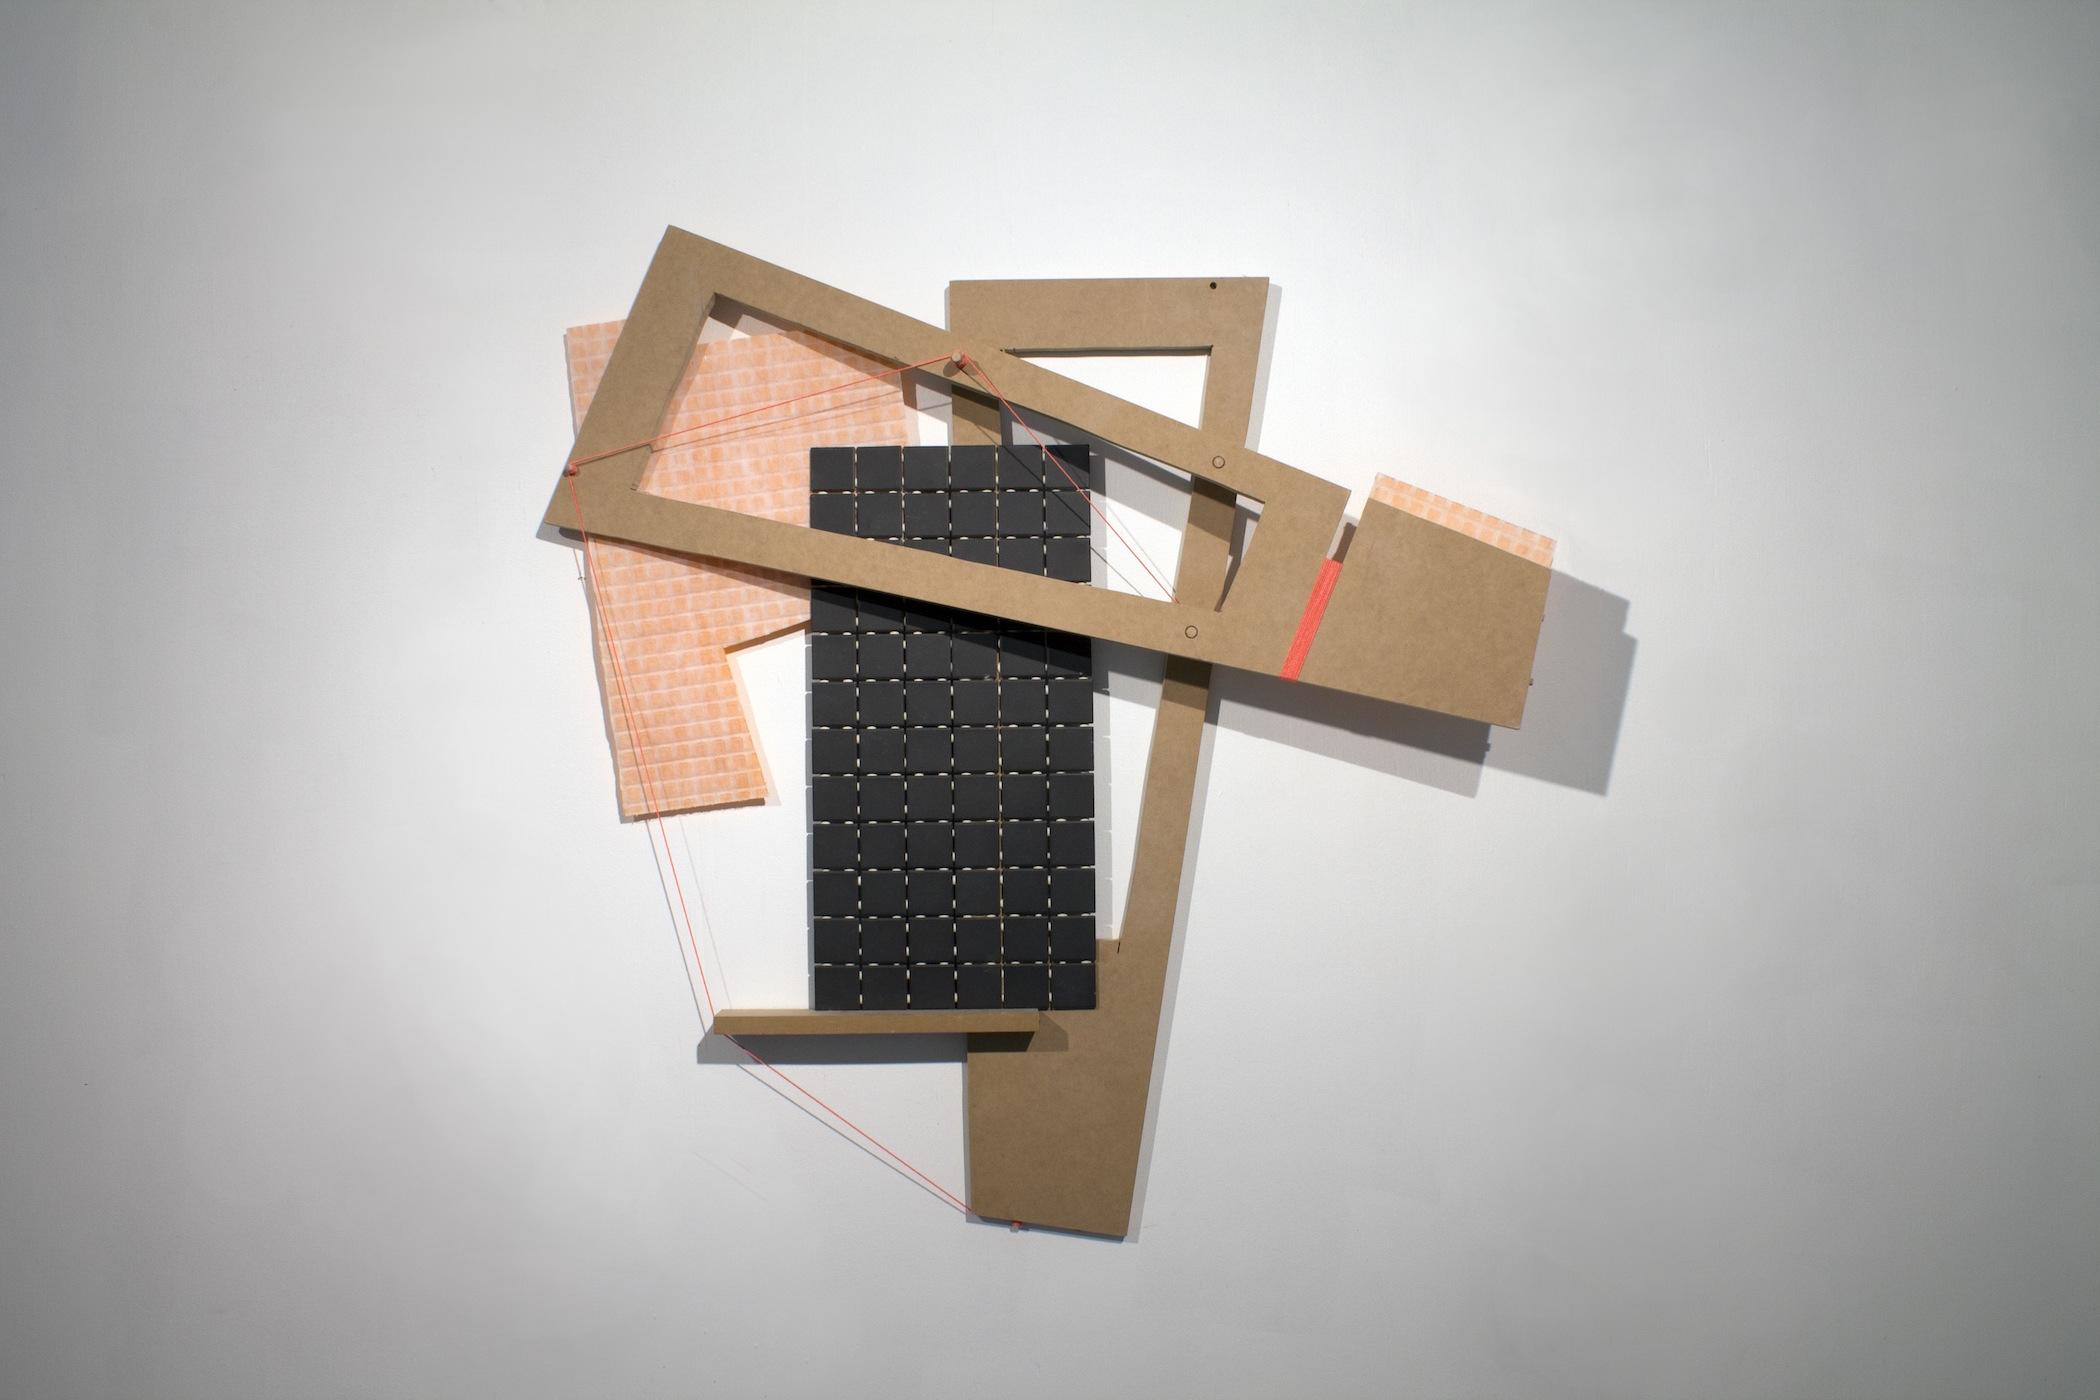 2016  Wood, ceramic tile, string, tile backer